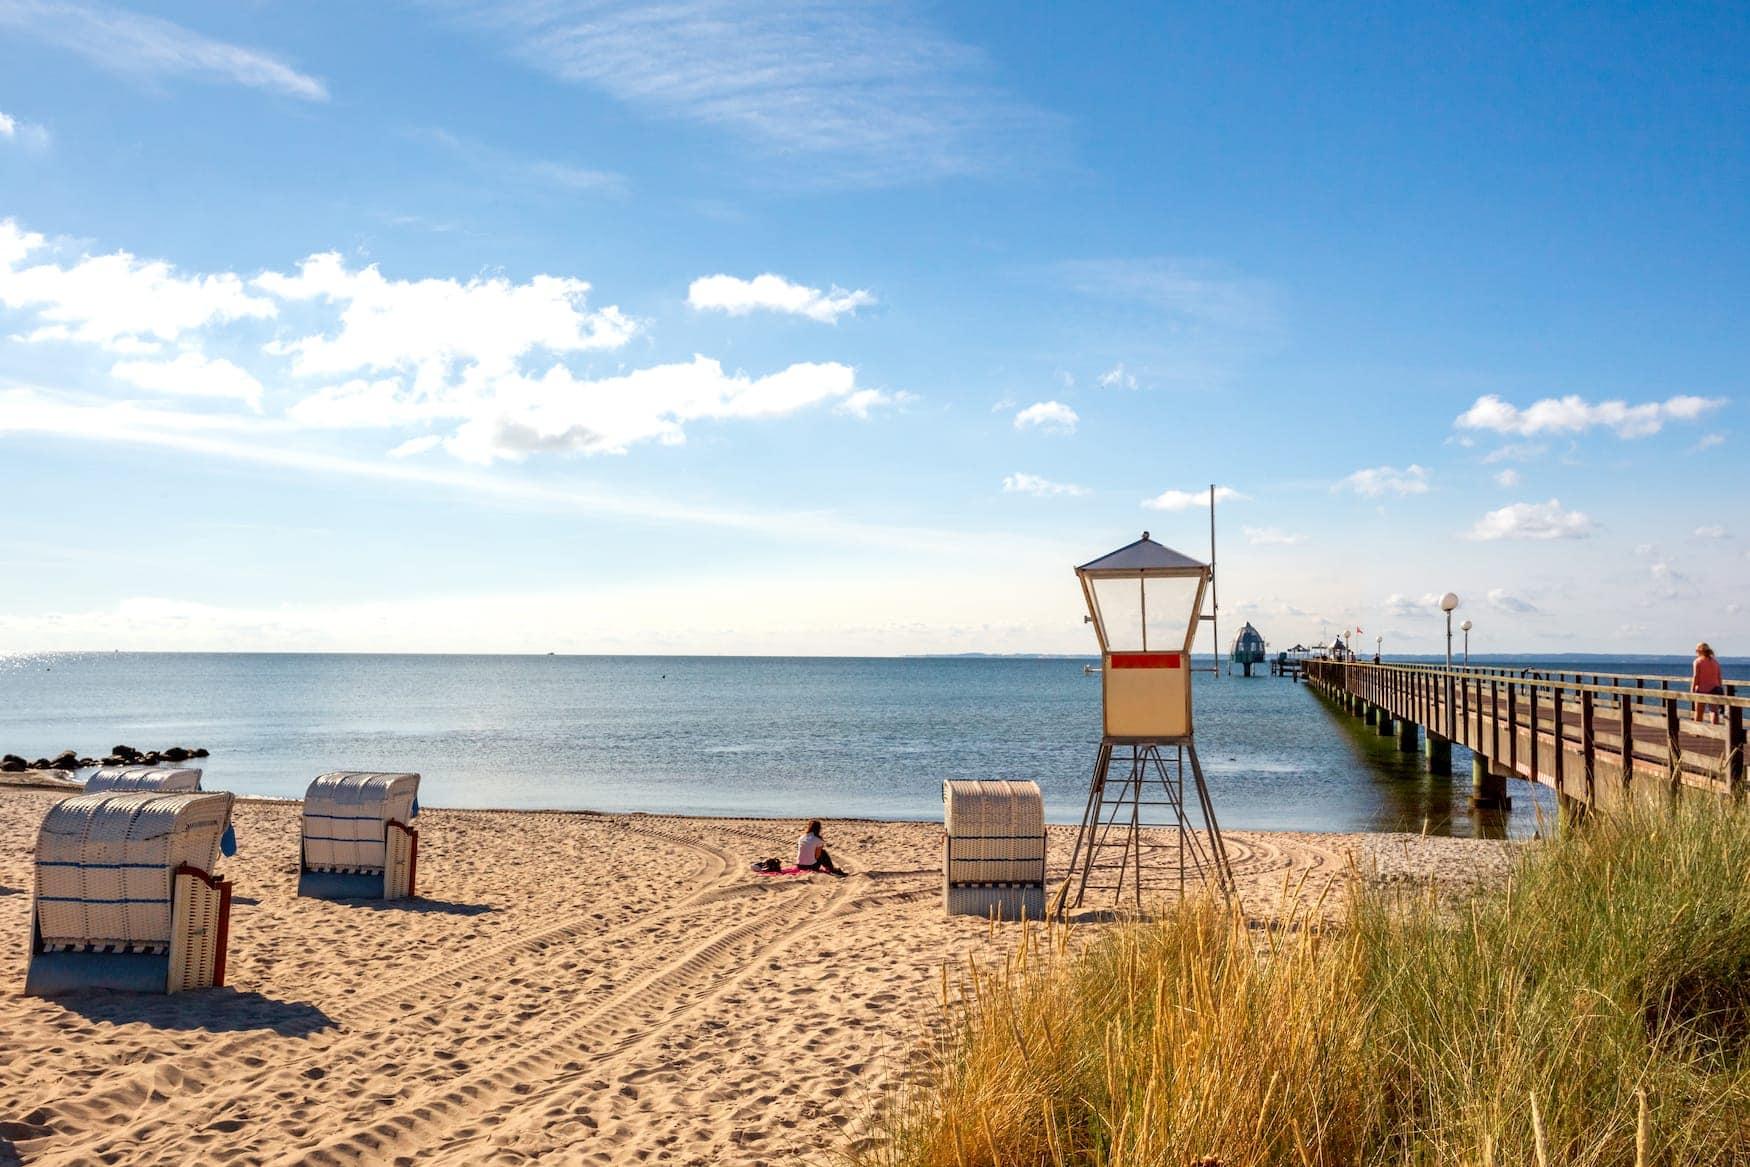 Strand in Grömnitz, Schleswig-Holstein